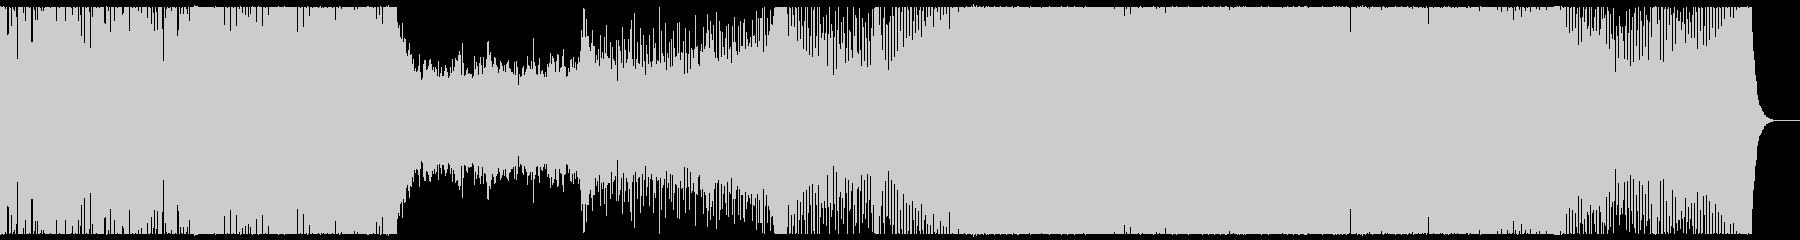 爽やかな哀愁を感じるプログレッシブハウスの未再生の波形